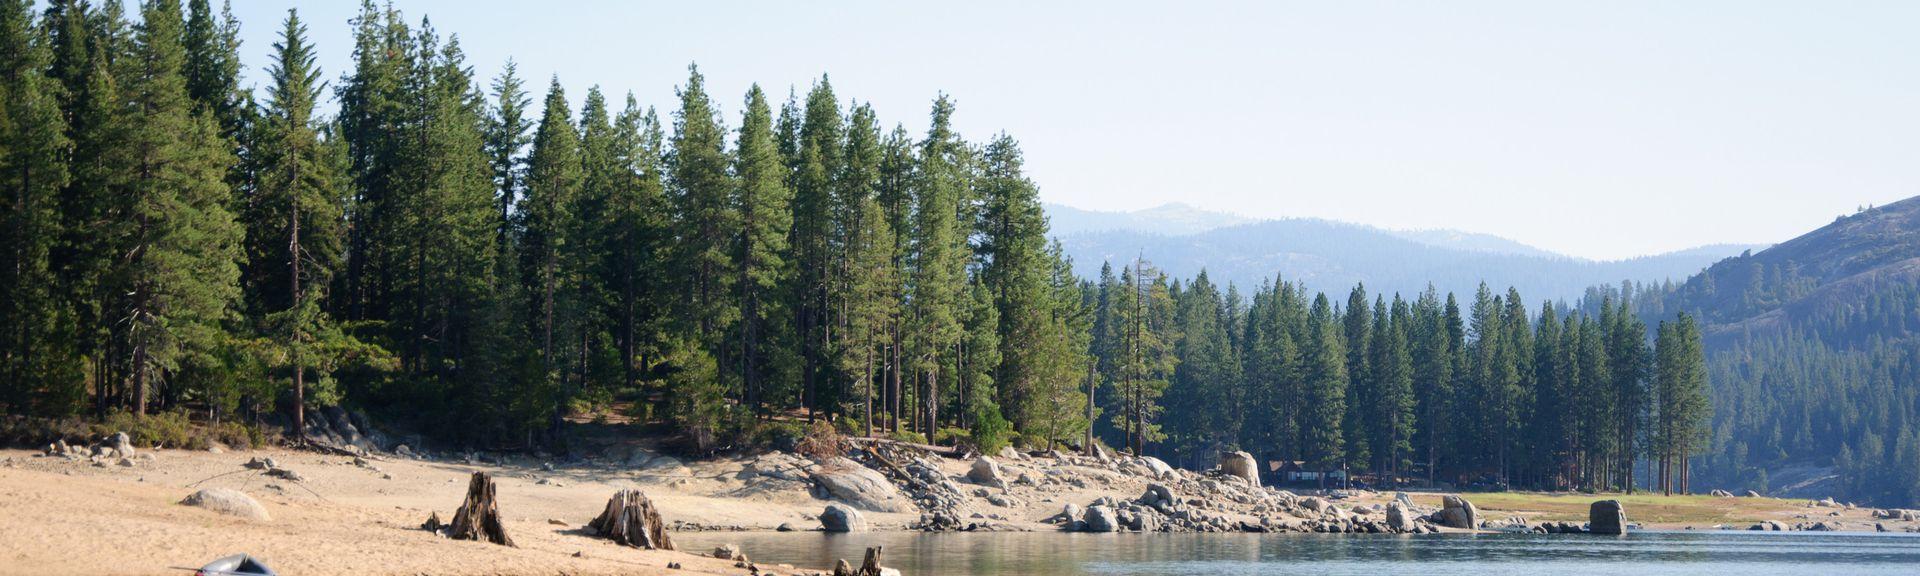 Shaver Lake, Kalifornien, Vereinigte Staaten